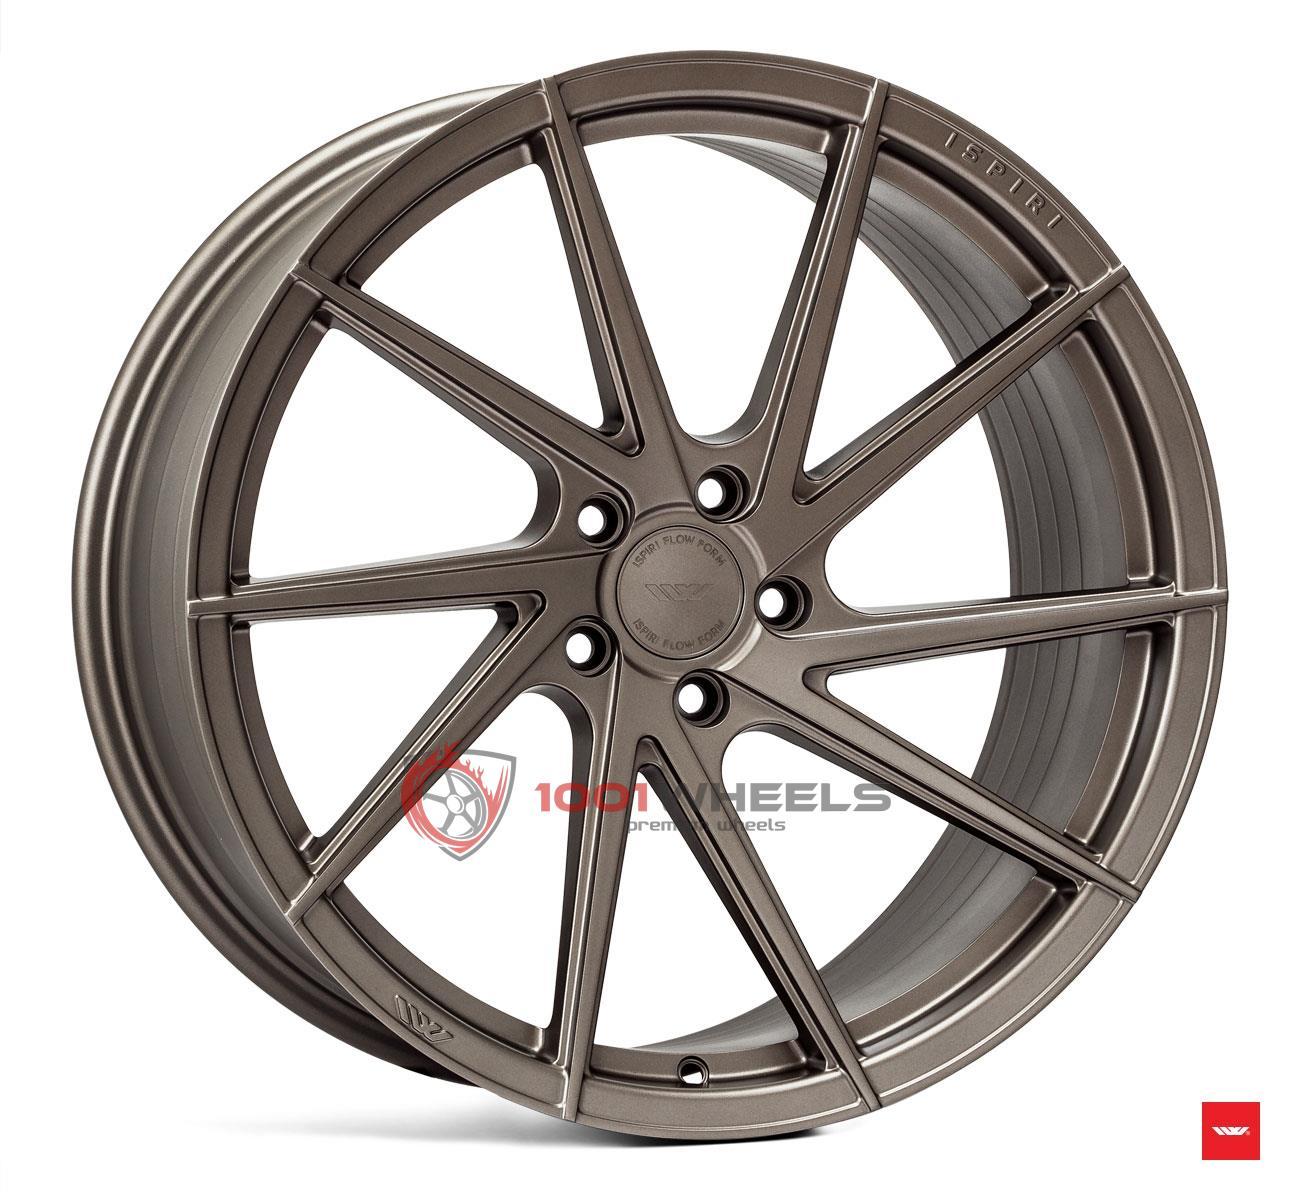 ISPIRI FFR1D matt-carbon-bronze